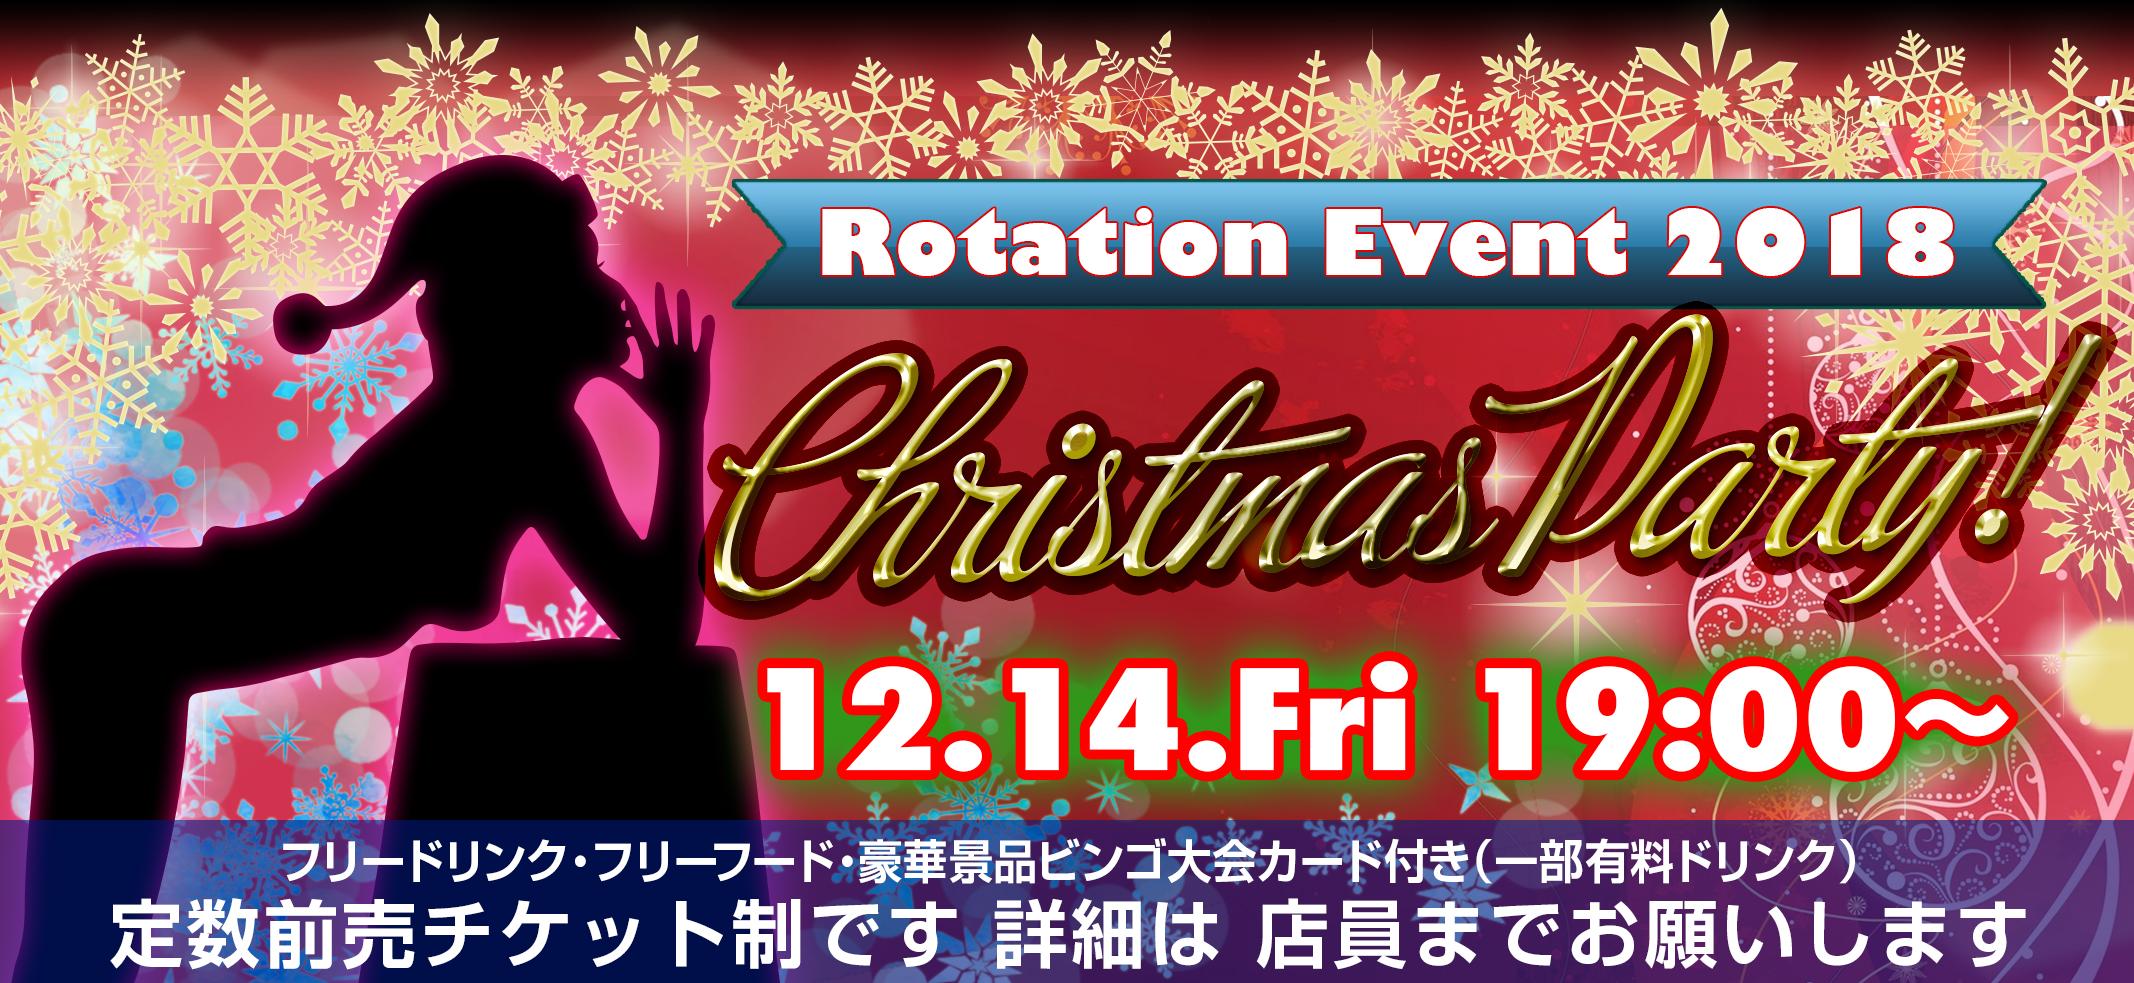 2018年12月14日錦糸町ロタティオンクリスマスイベント!RotaTionは風俗・ハプニングバー(ハプバー)ではございません